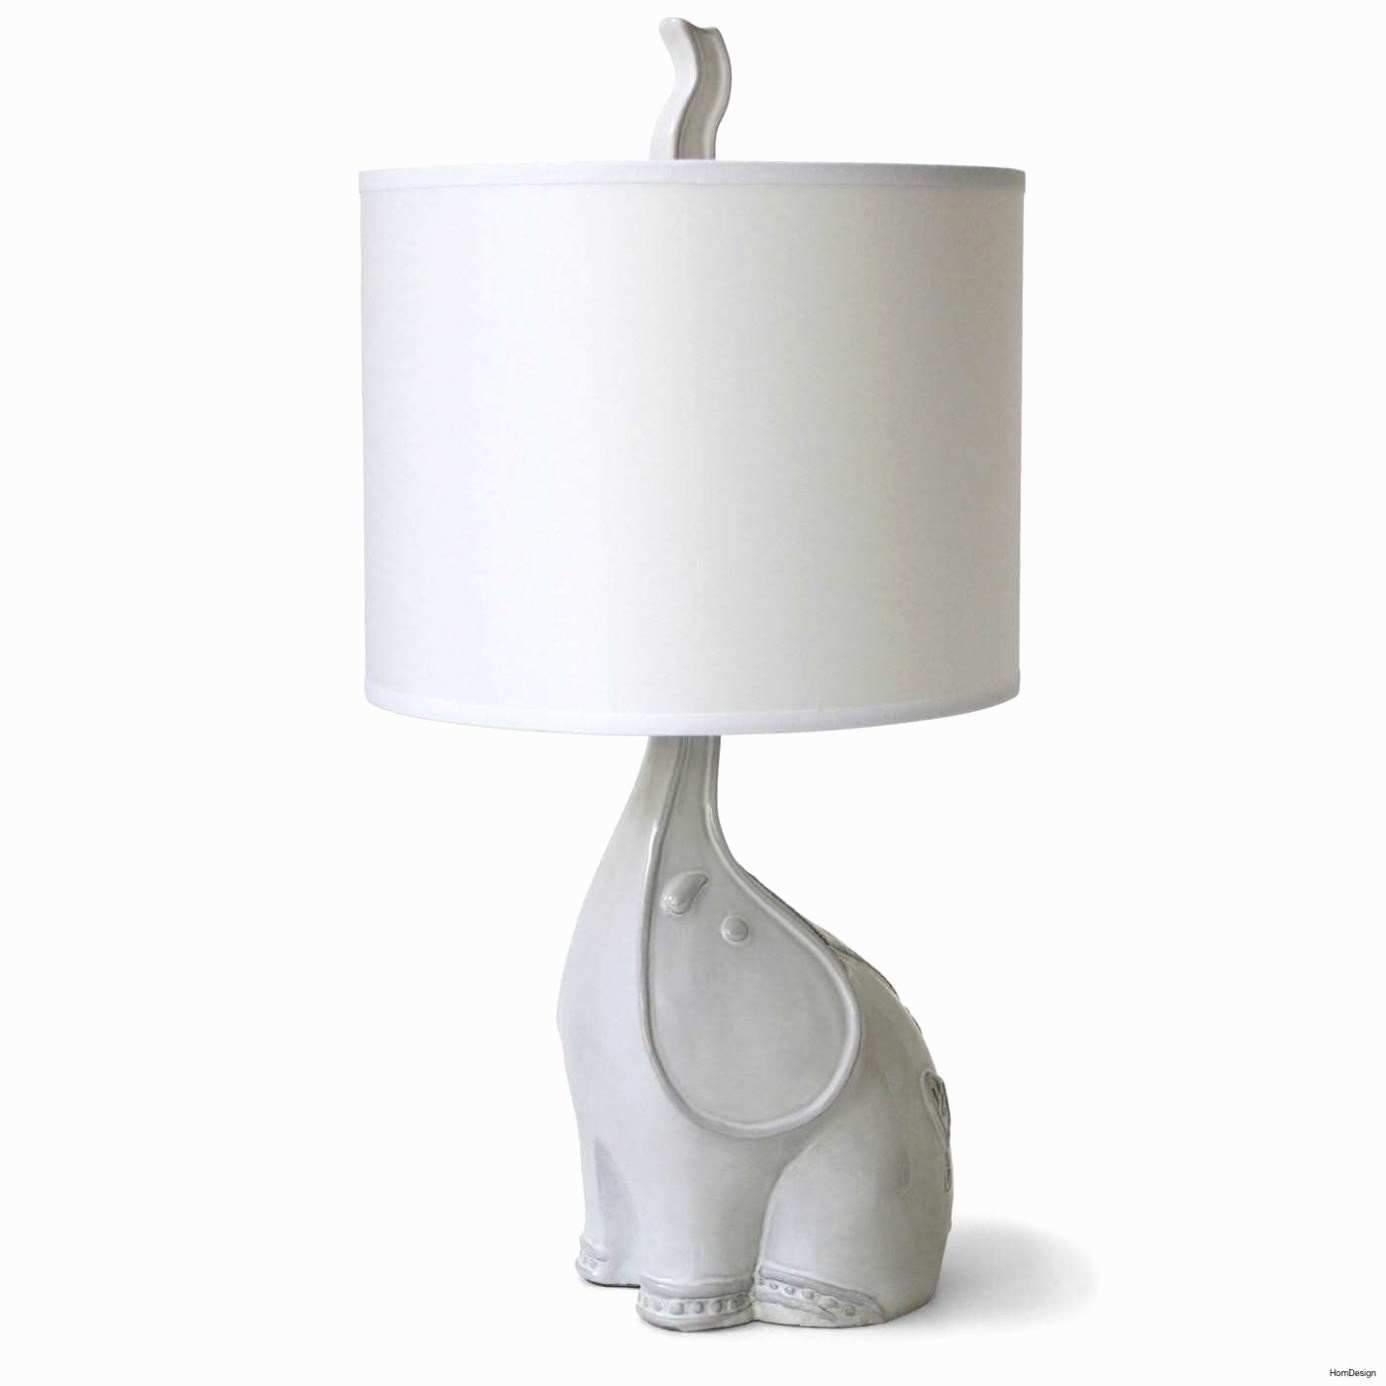 Full Size of Deckenfluter Led Dimmbar Edelstahl Stehlampe Fernbedienung Amazon Aldi Stehlampen Messing Mit Leseleuchte Bauhaus Stehleuchte Design Leselampe Schwarz Wohnzimmer Stehlampe Led Dimmbar